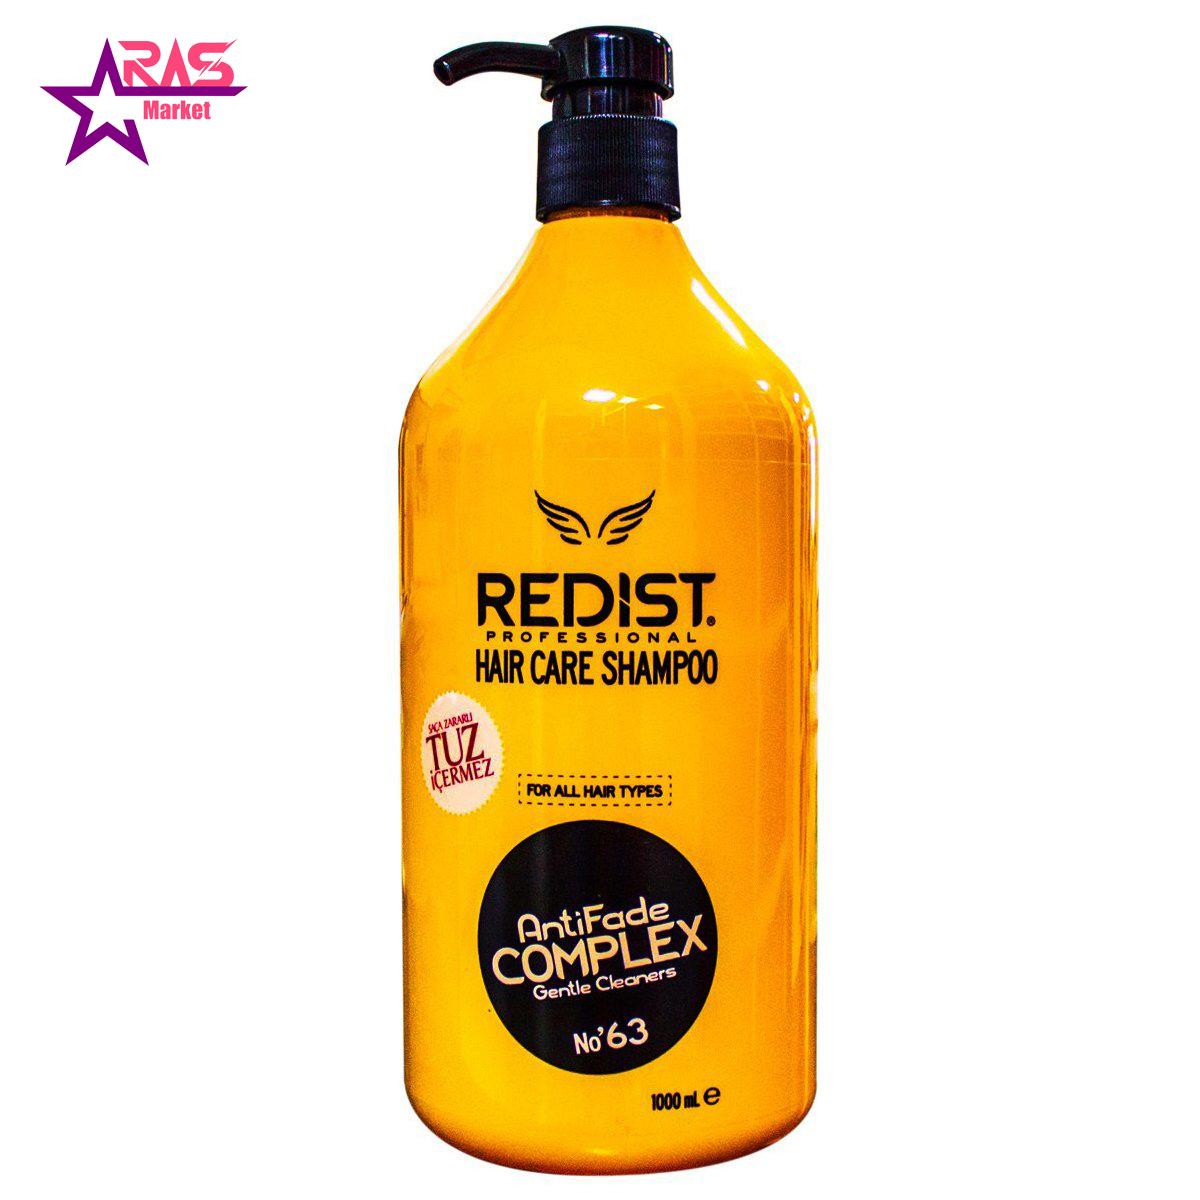 شامپو ردیست مدل AntiFade Complex مخصوص موهای کراتینه شده 1000 میلی لیتر ، فروشگاه اینترنتی ارس مارکت